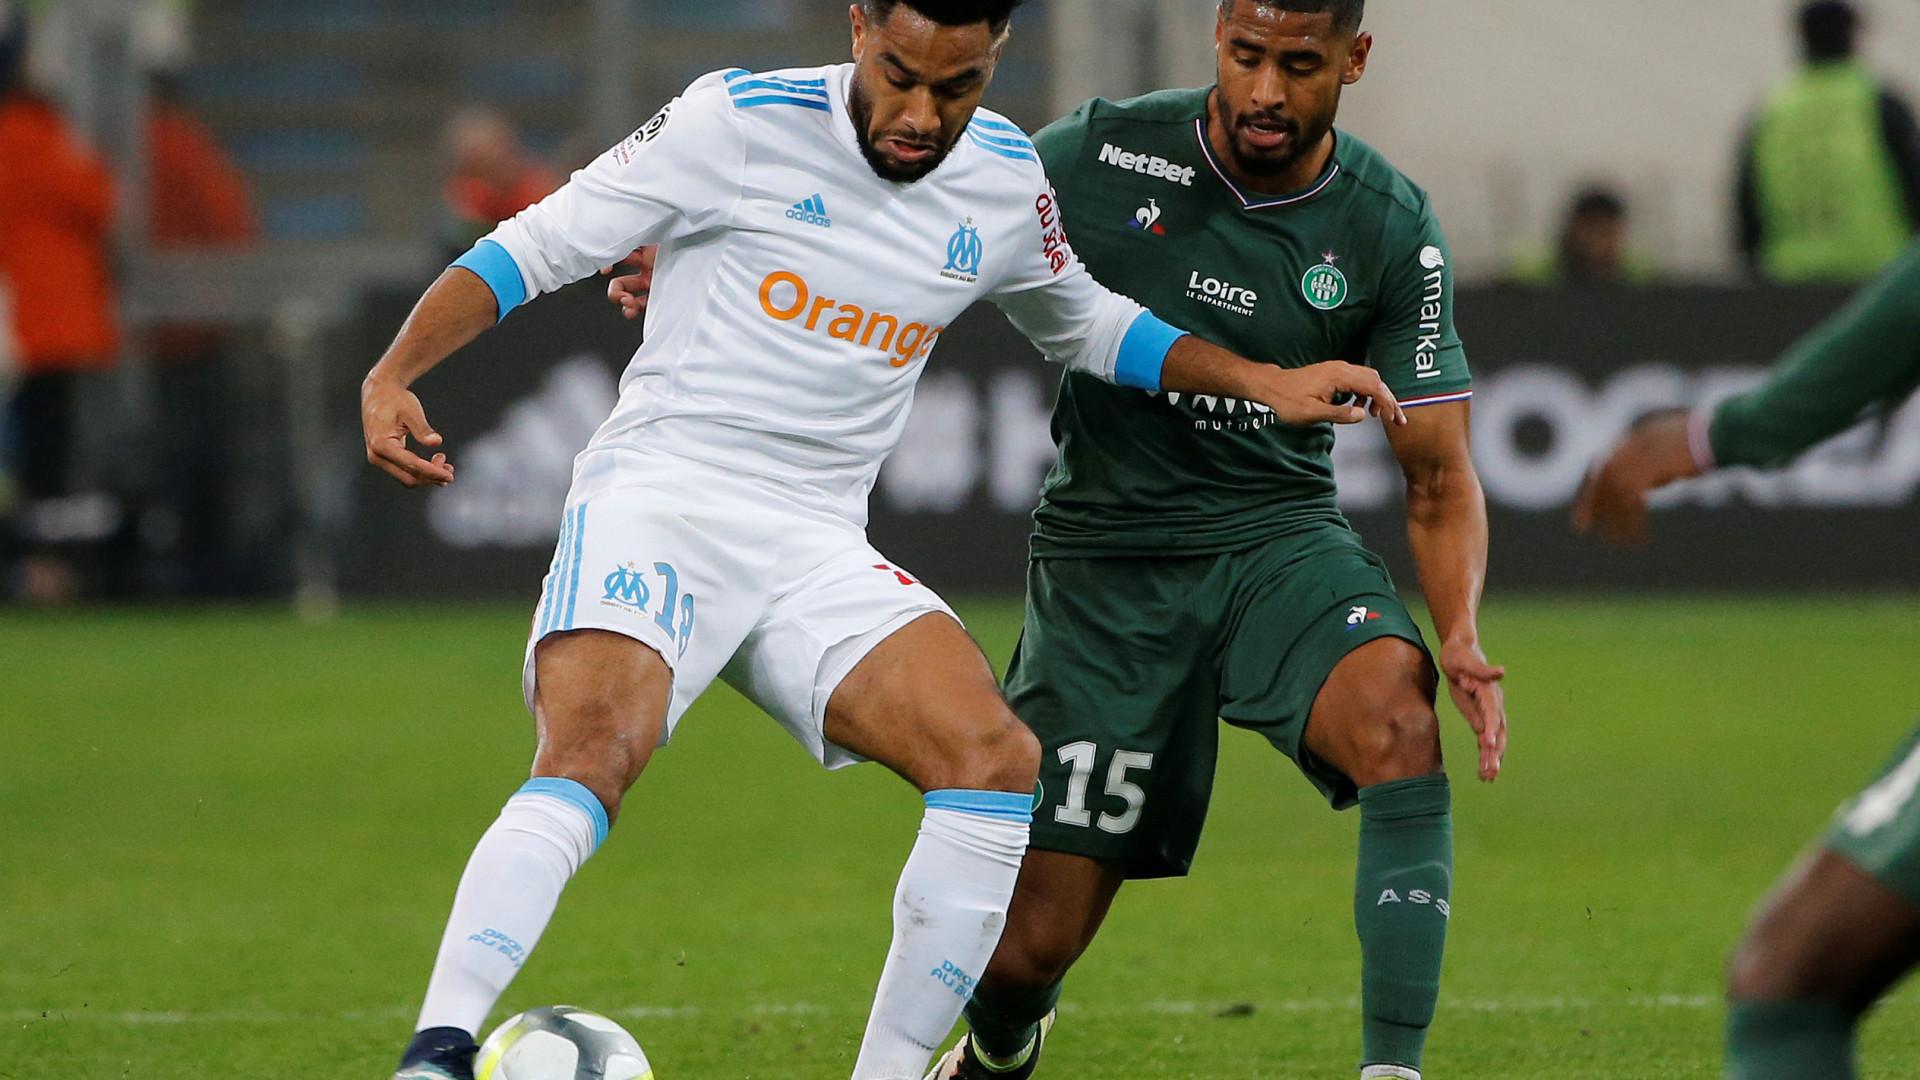 L'Équipe coloca Saidy Janko a caminho do FC Porto